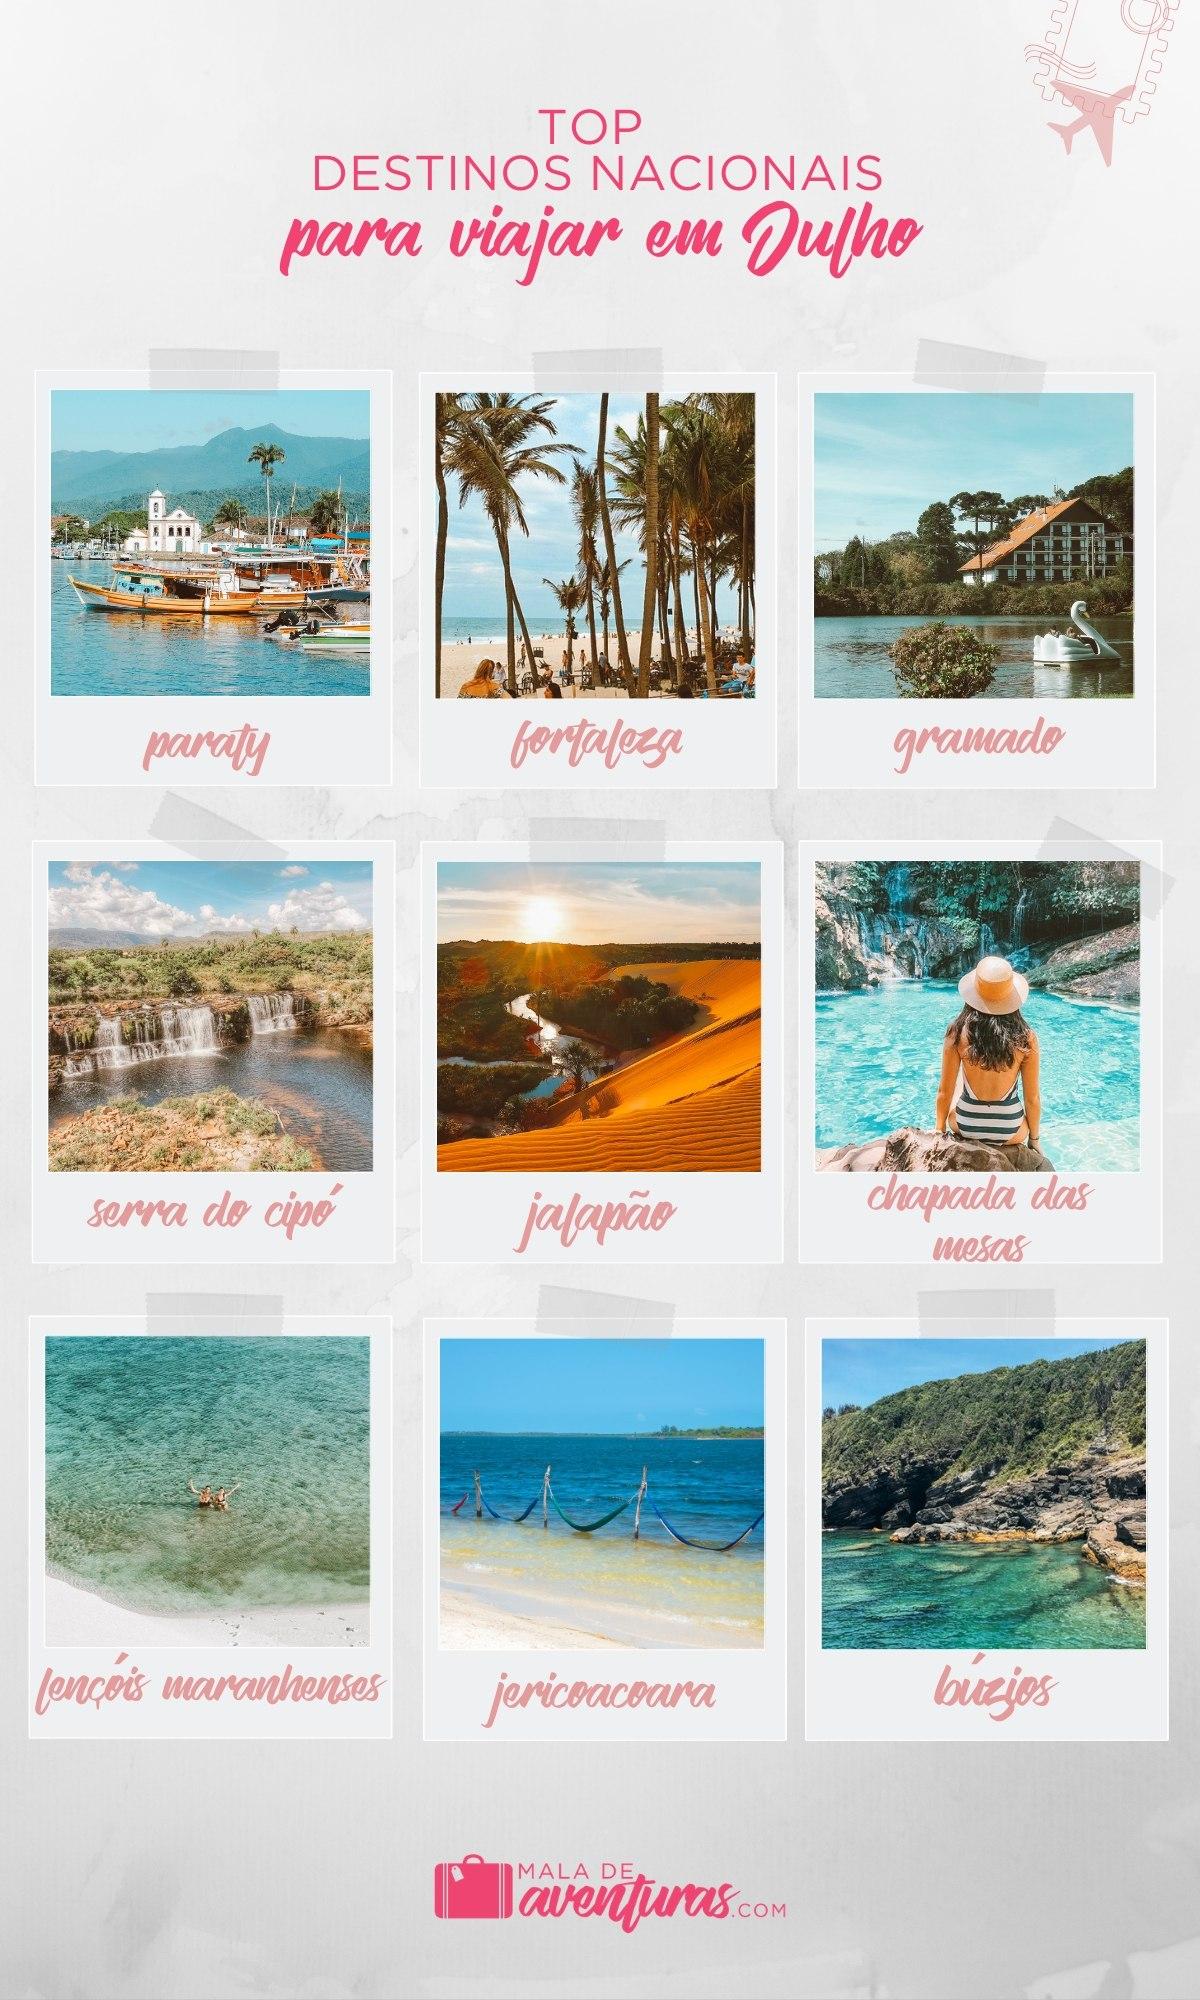 top destinos para viajar em julho no brasil